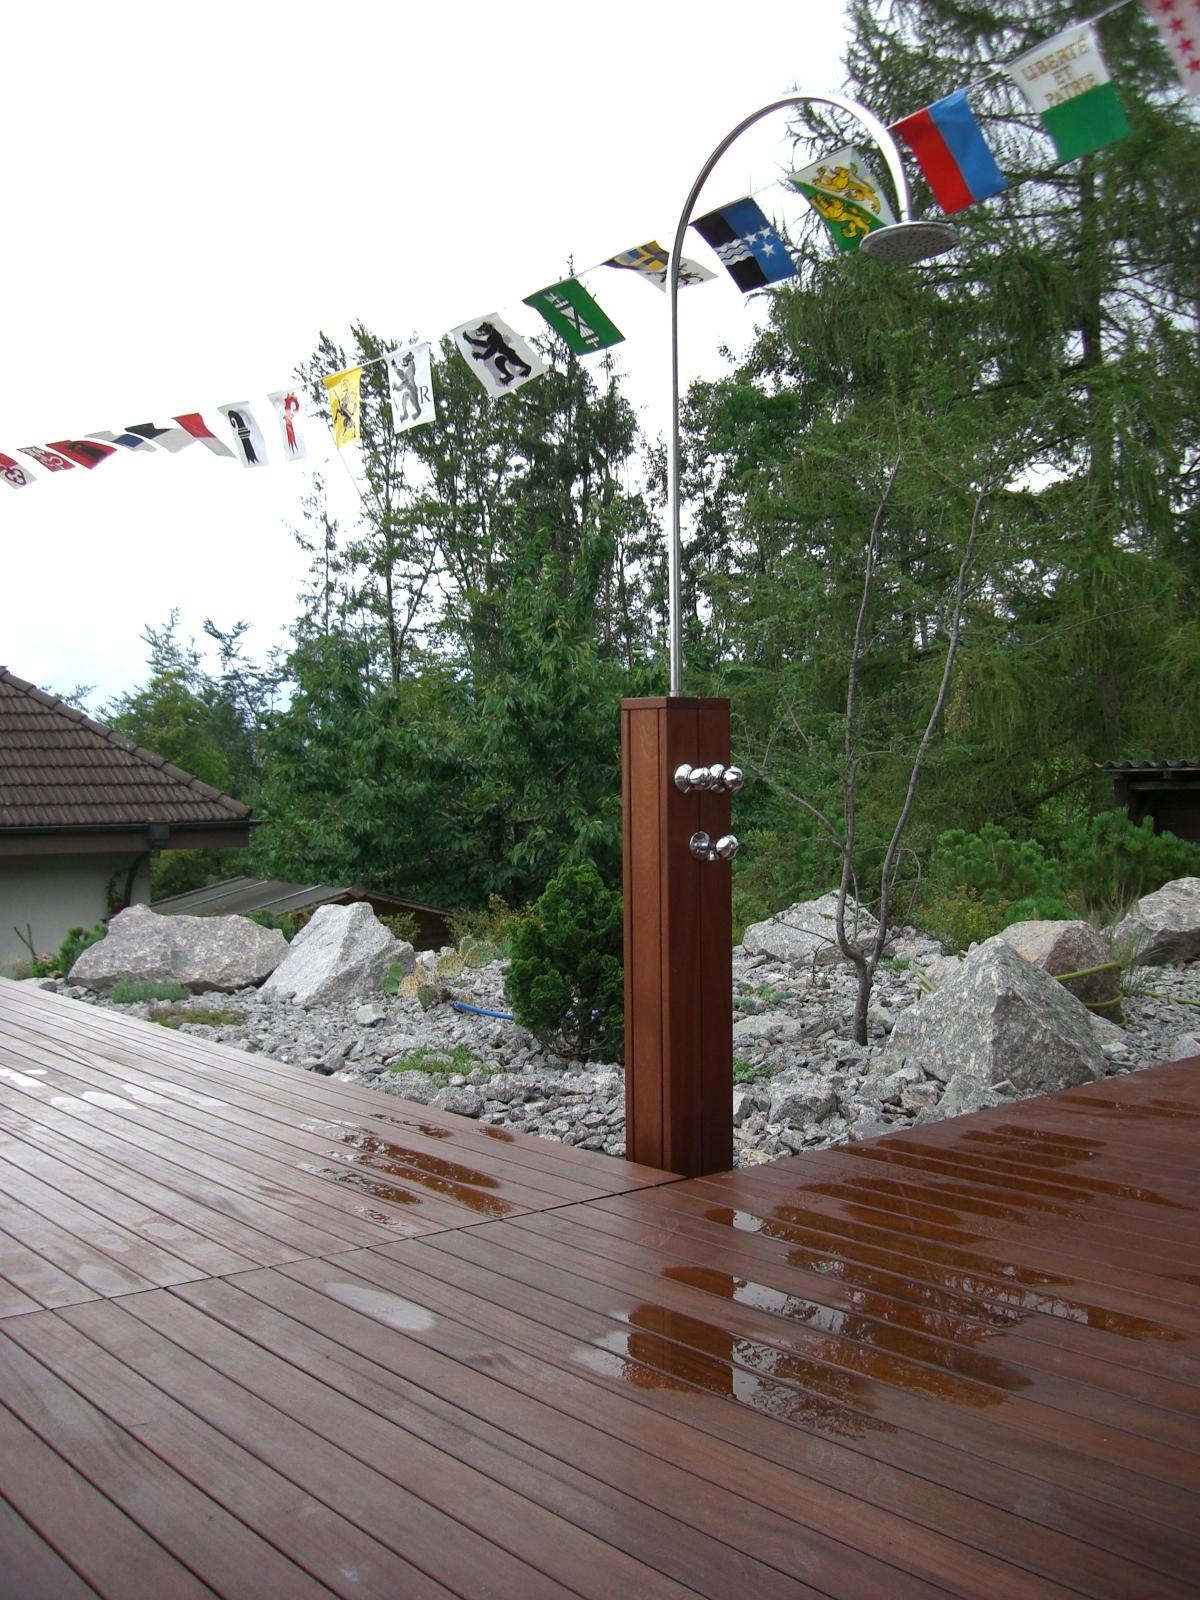 Gartendusche mit Holz